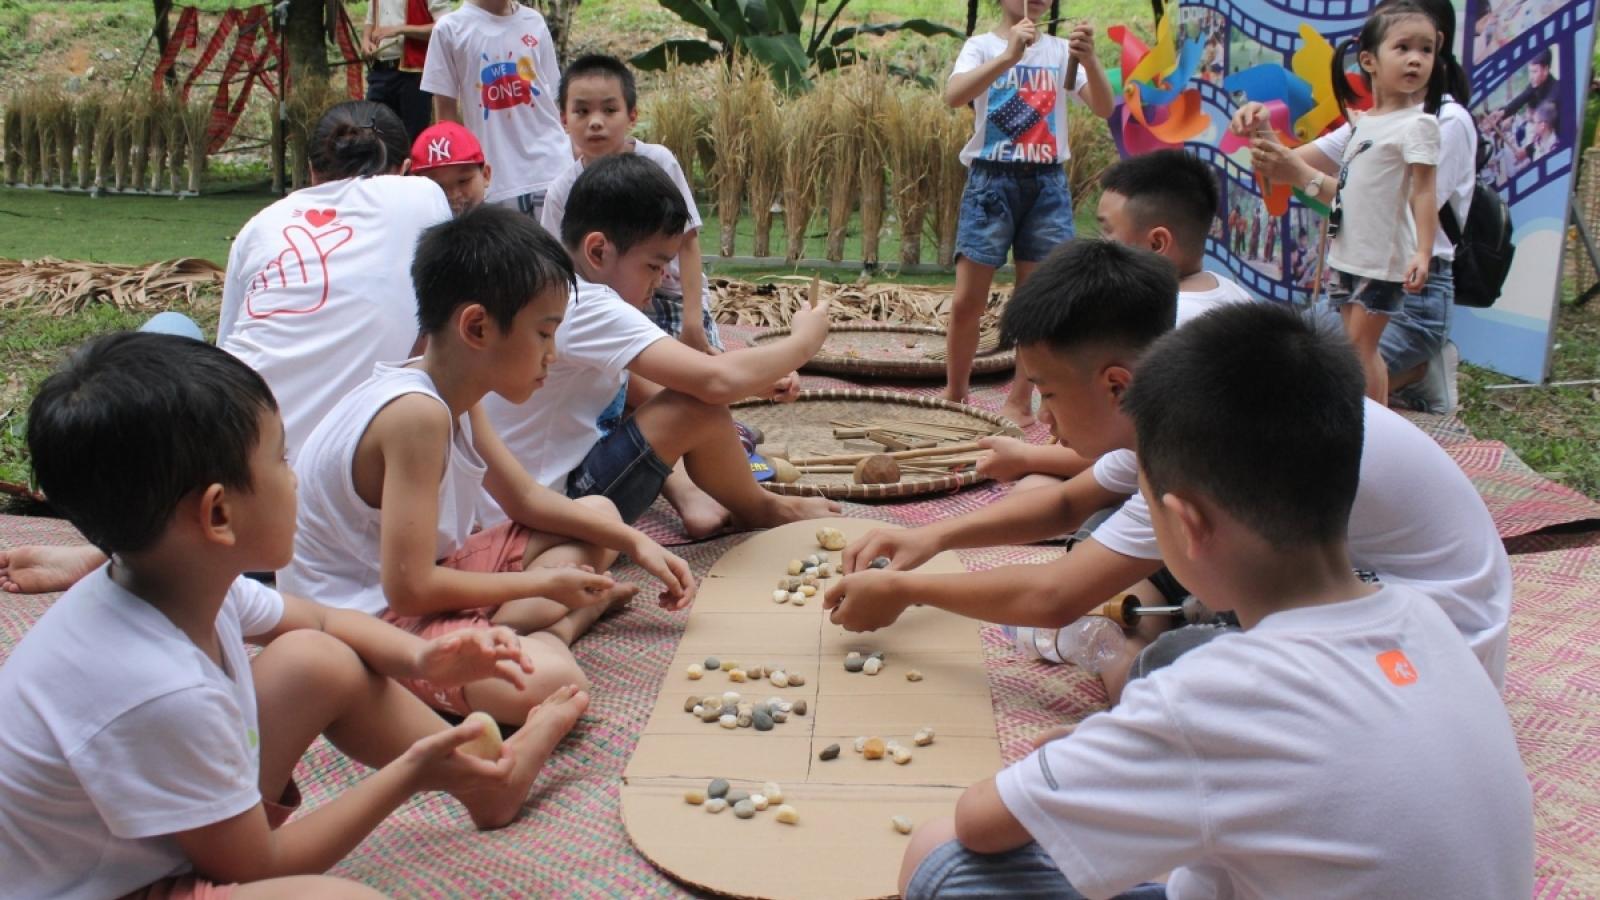 Tái hiện chợ quê Bắc Bộ tại Làng Văn hóa - Du lịch các dân tộc Việt Nam